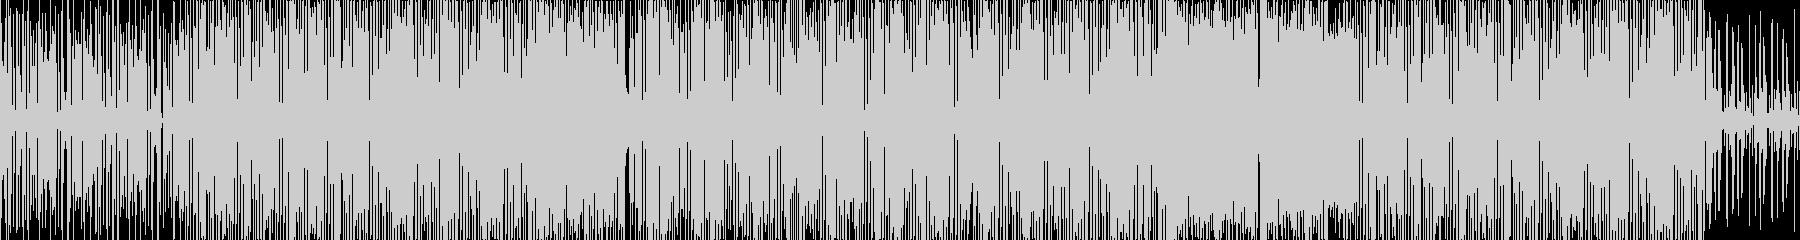 日常系かわいいFUNKの未再生の波形